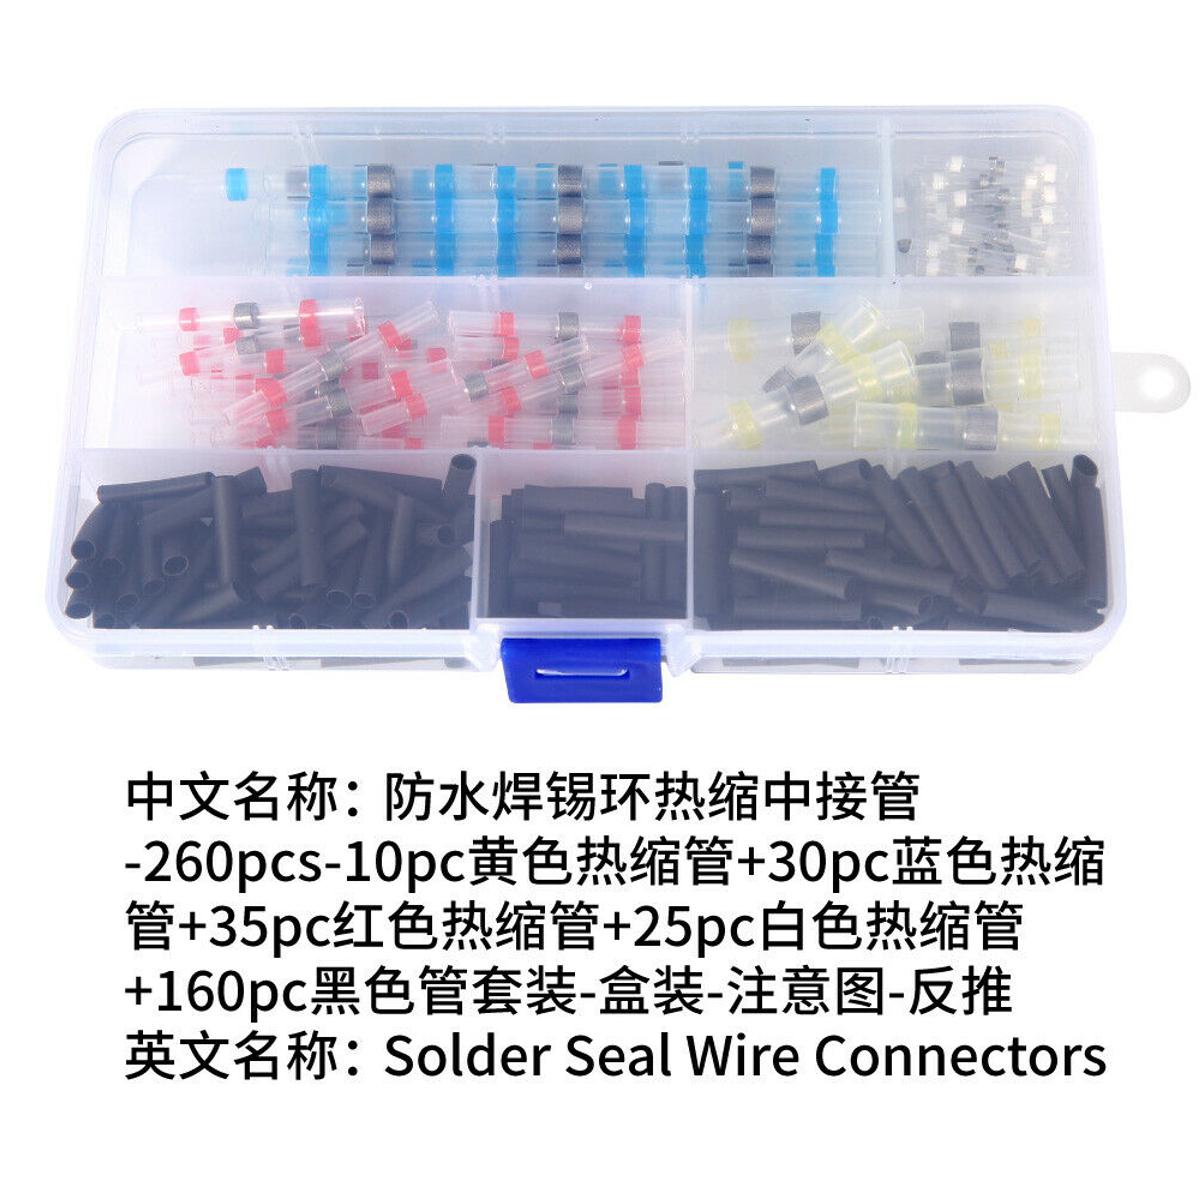 10pc 16-14AWG Waterproof Solder Sleeve Heat Shrink Butt Wire Splice Connector KD